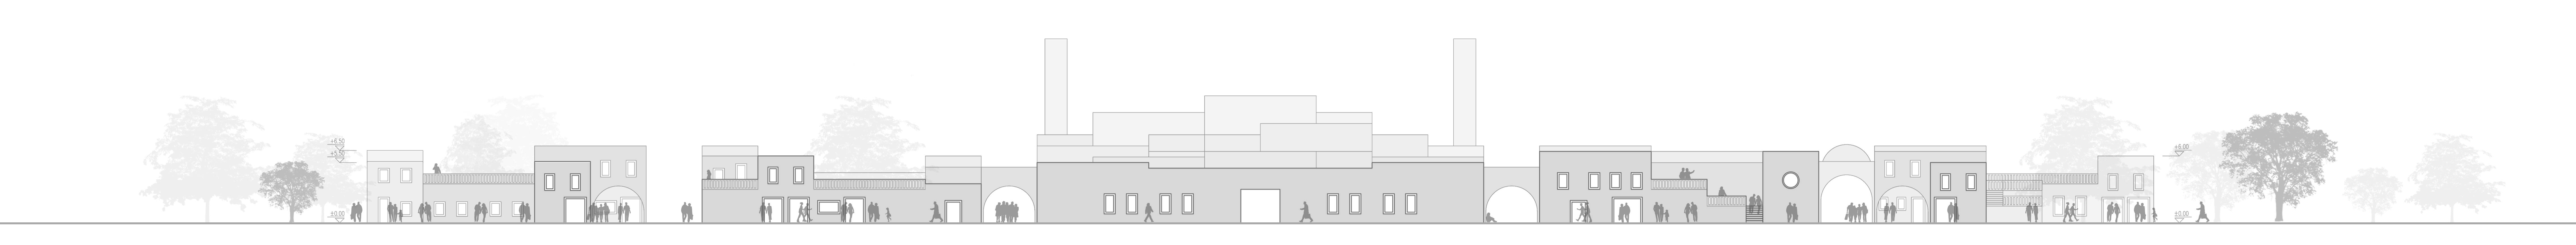 dodofis mimarlık hakkında